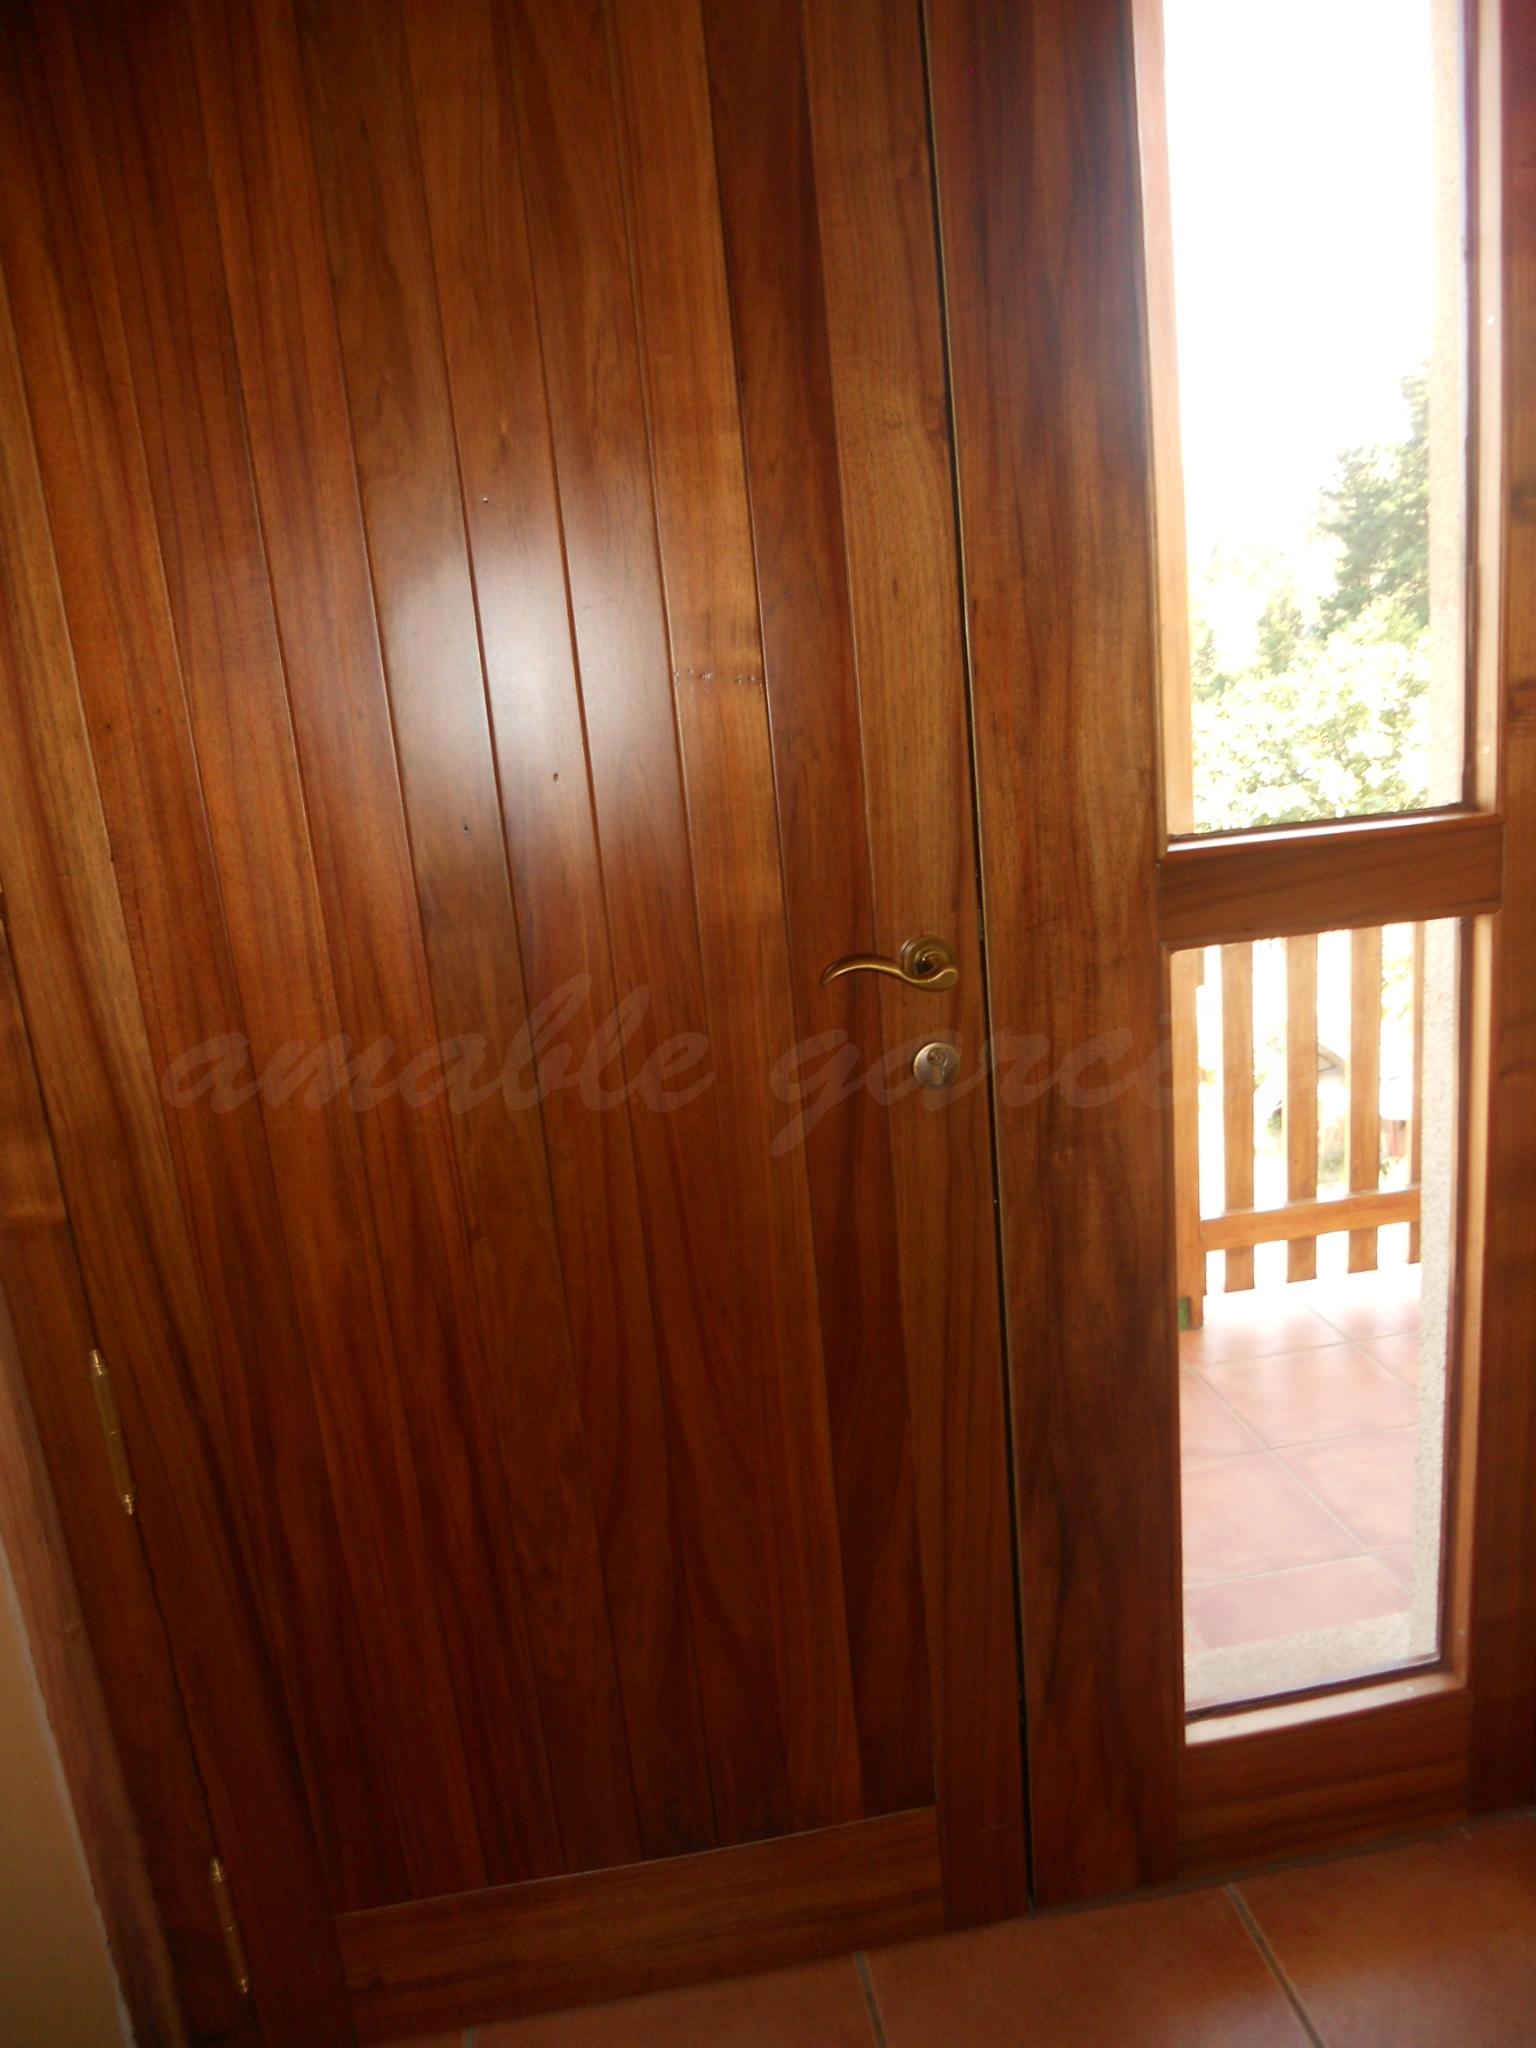 Porta exterior madeira natural_2